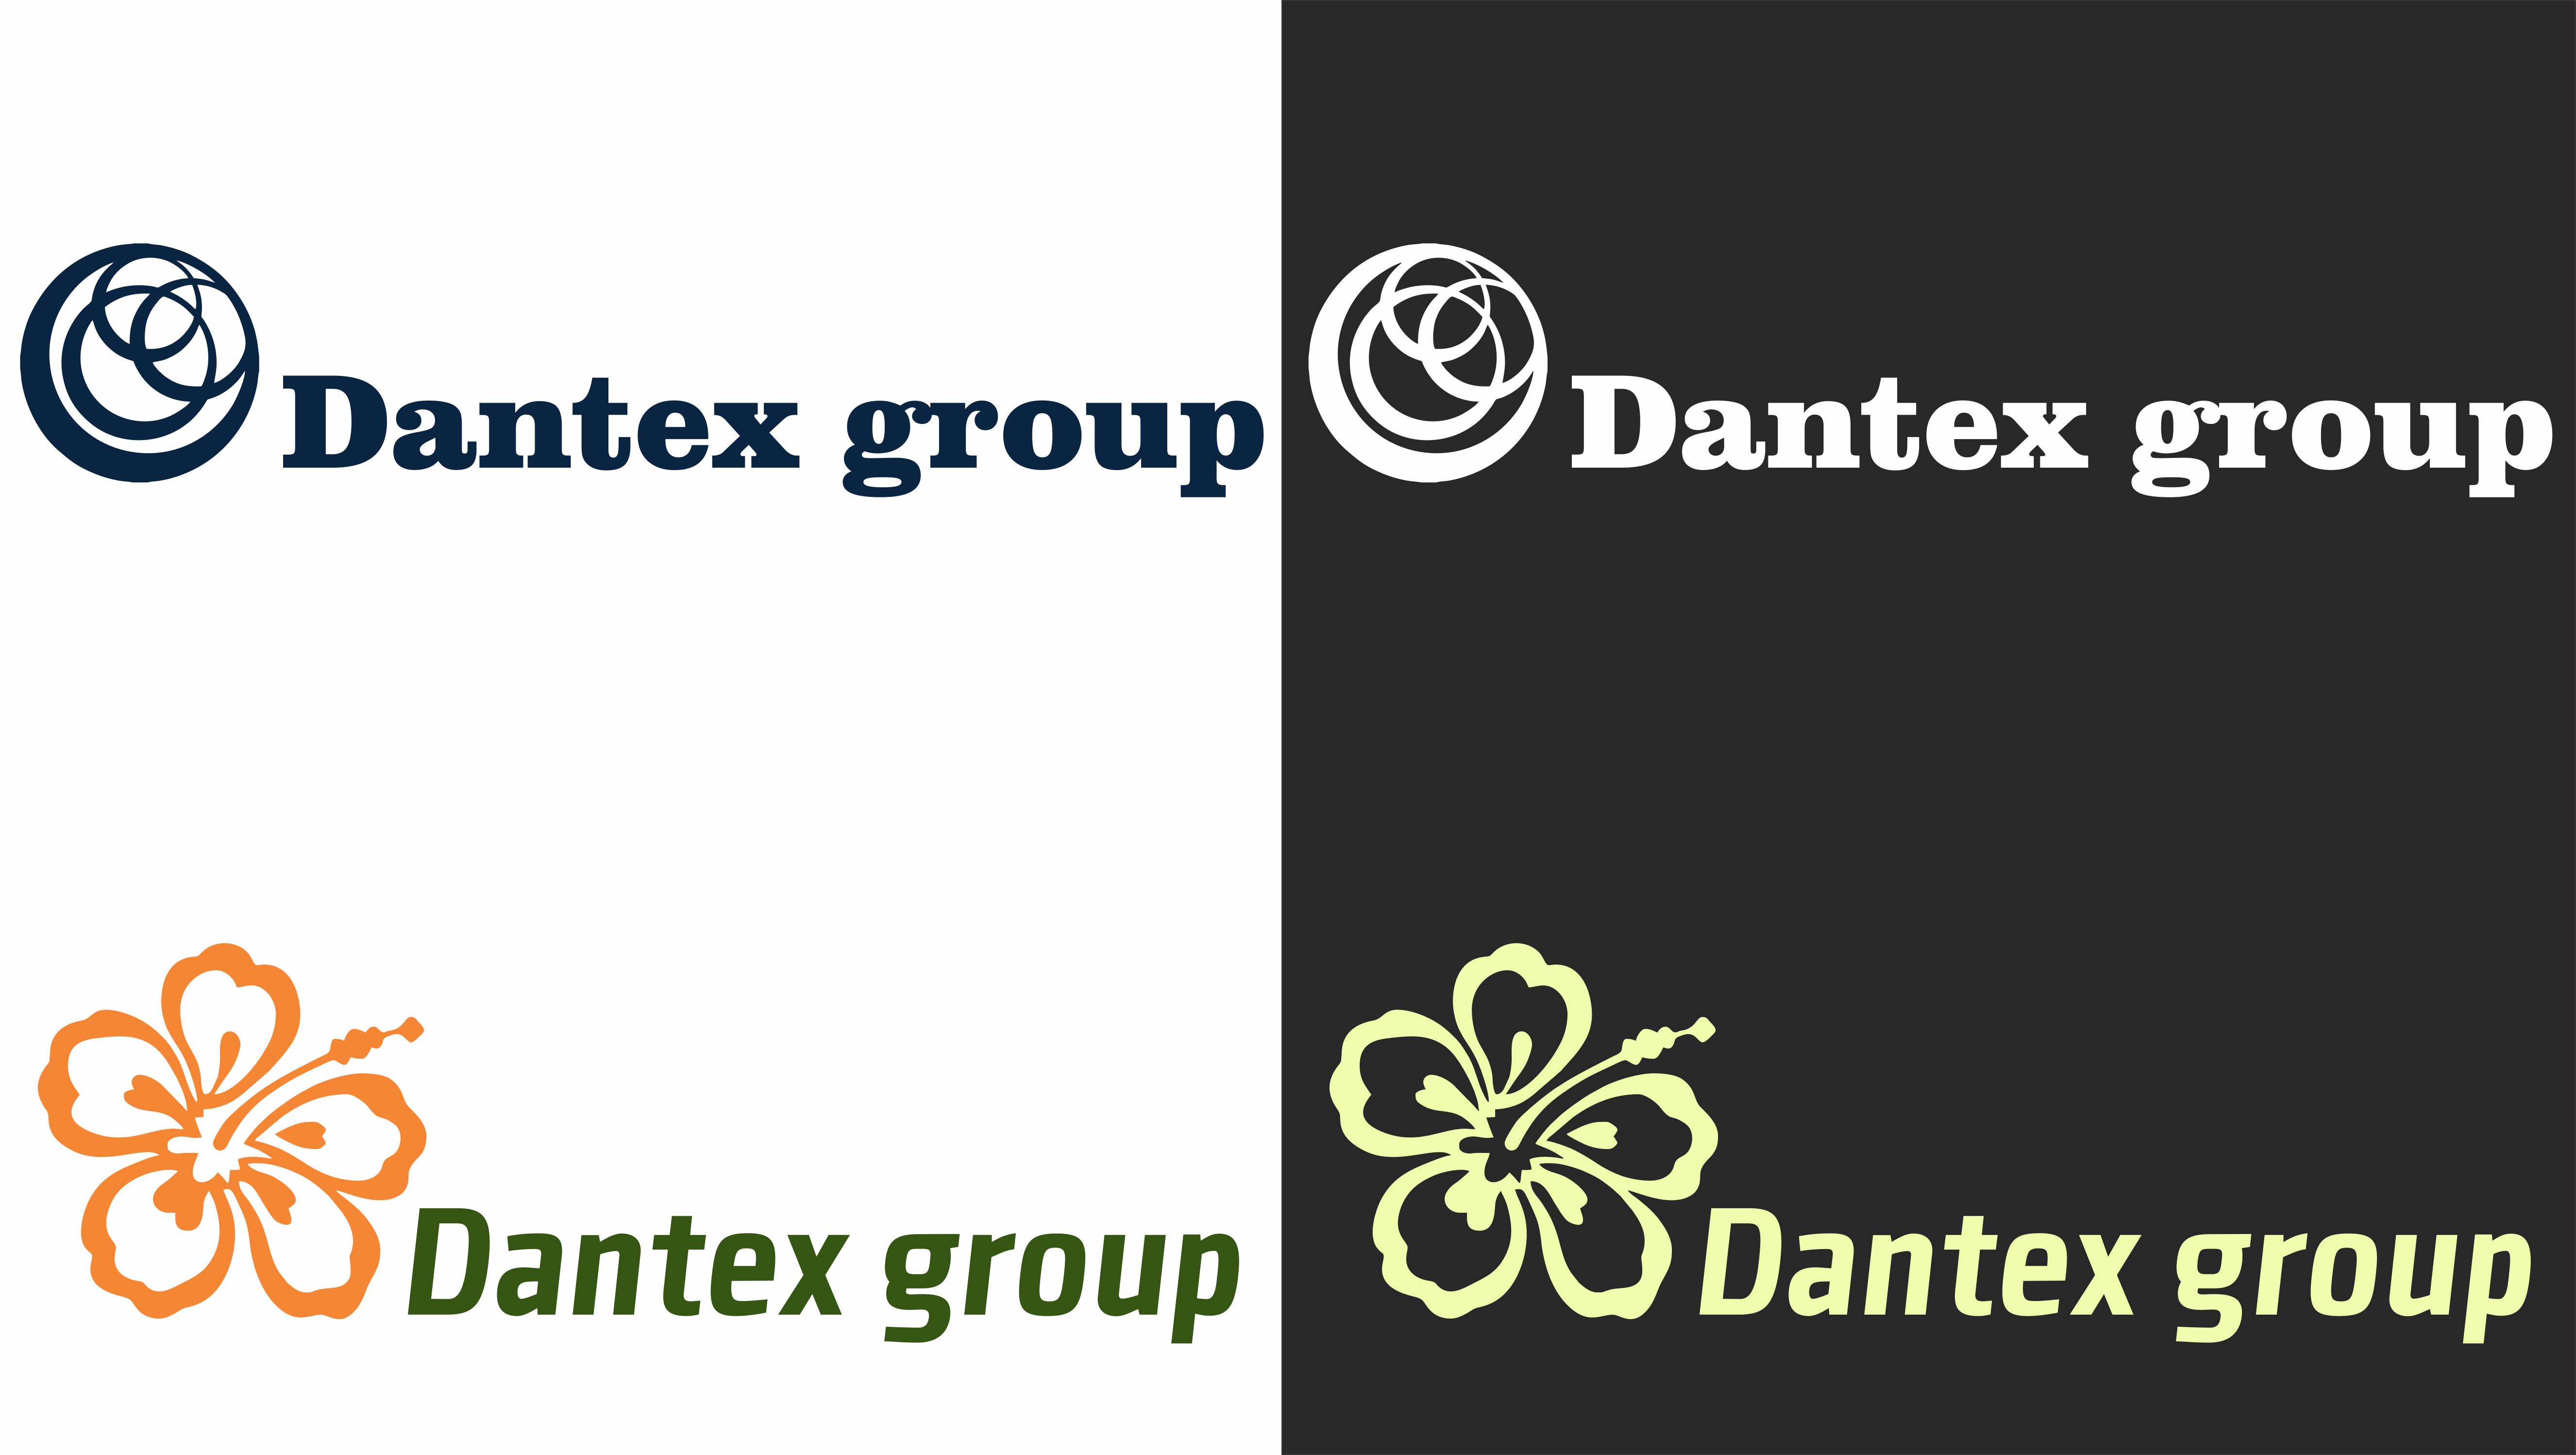 Конкурс на разработку логотипа для компании Dantex Group  фото f_2135c06e768bbb7e.png